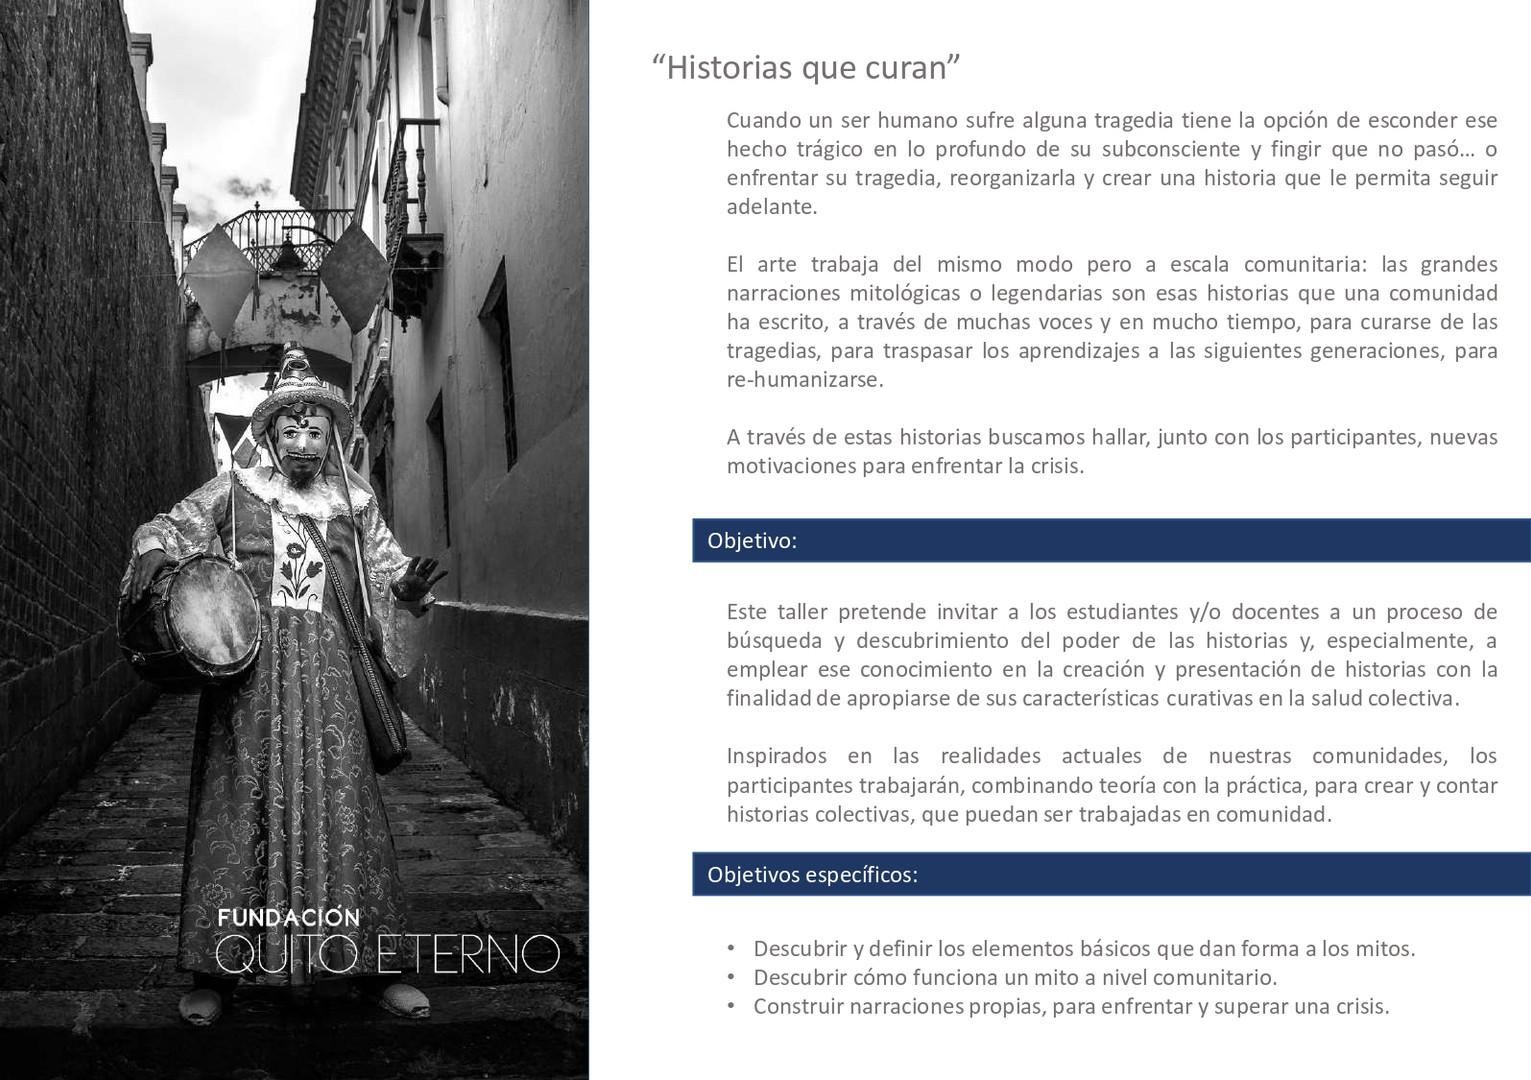 Quito Eterno - Historias que curan 4